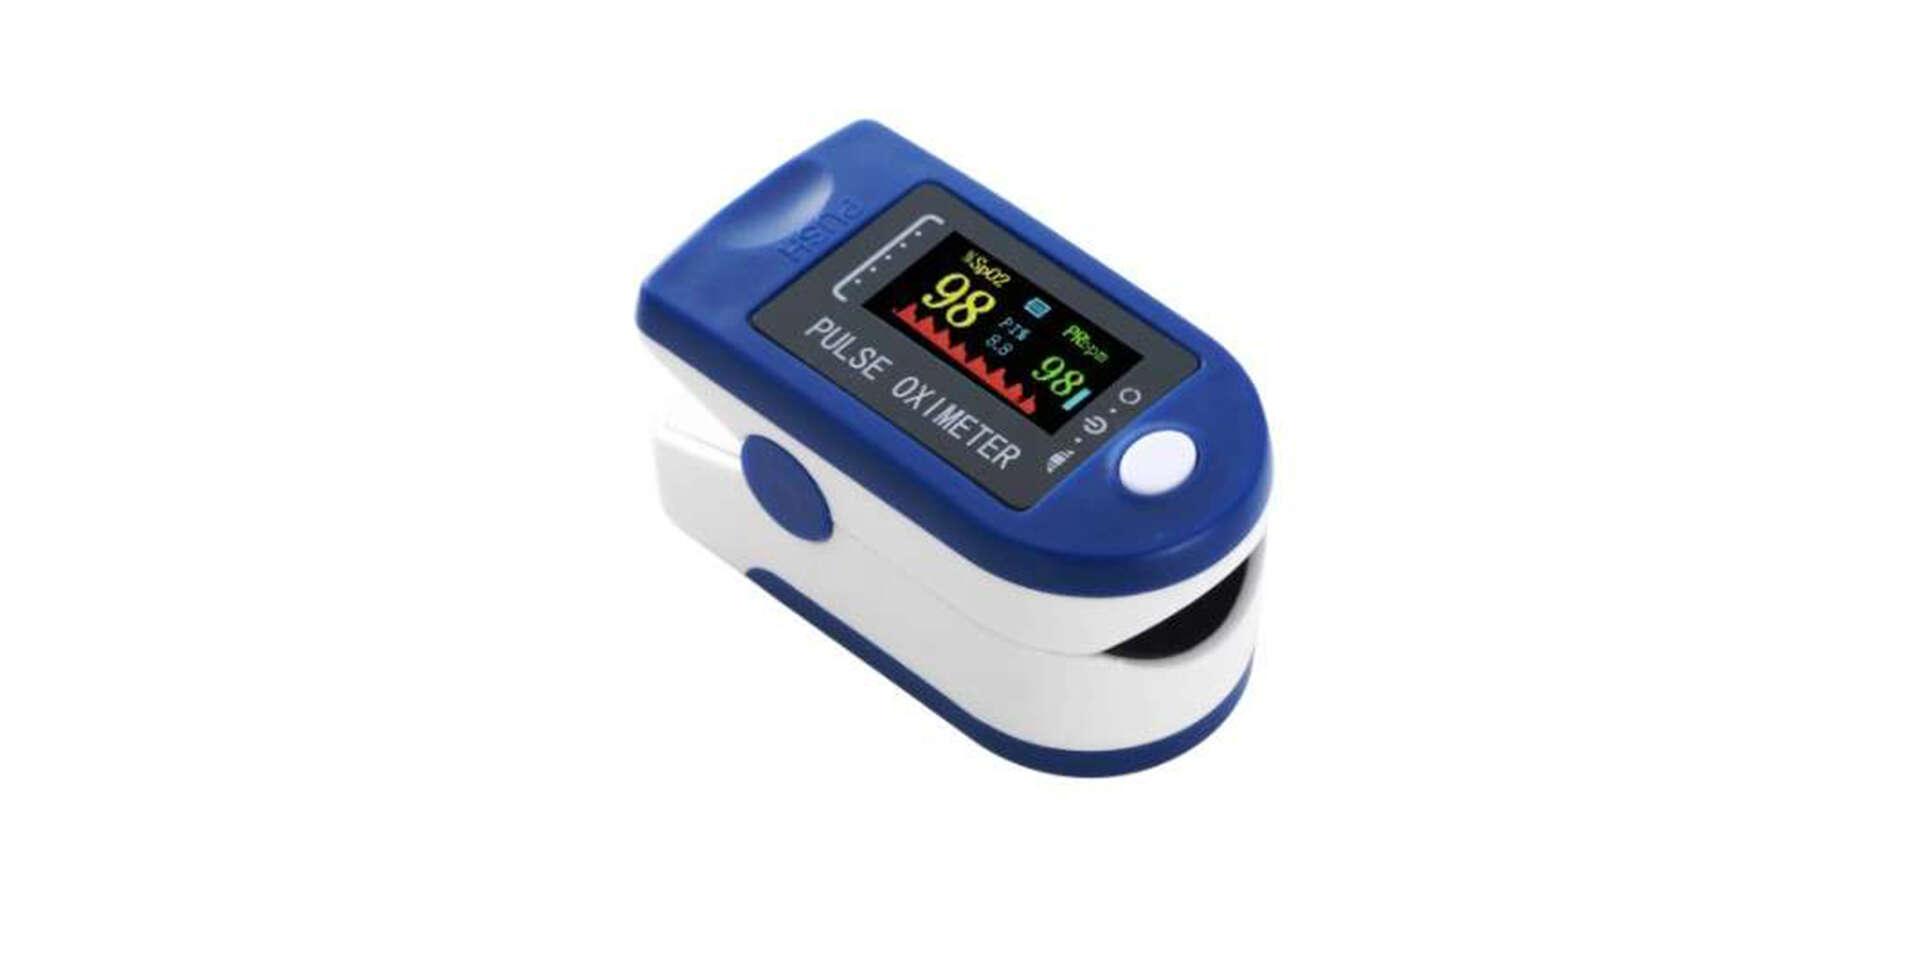 Pulzný oxymeter rýchle a presné meranie tepu a kyslíka v tele